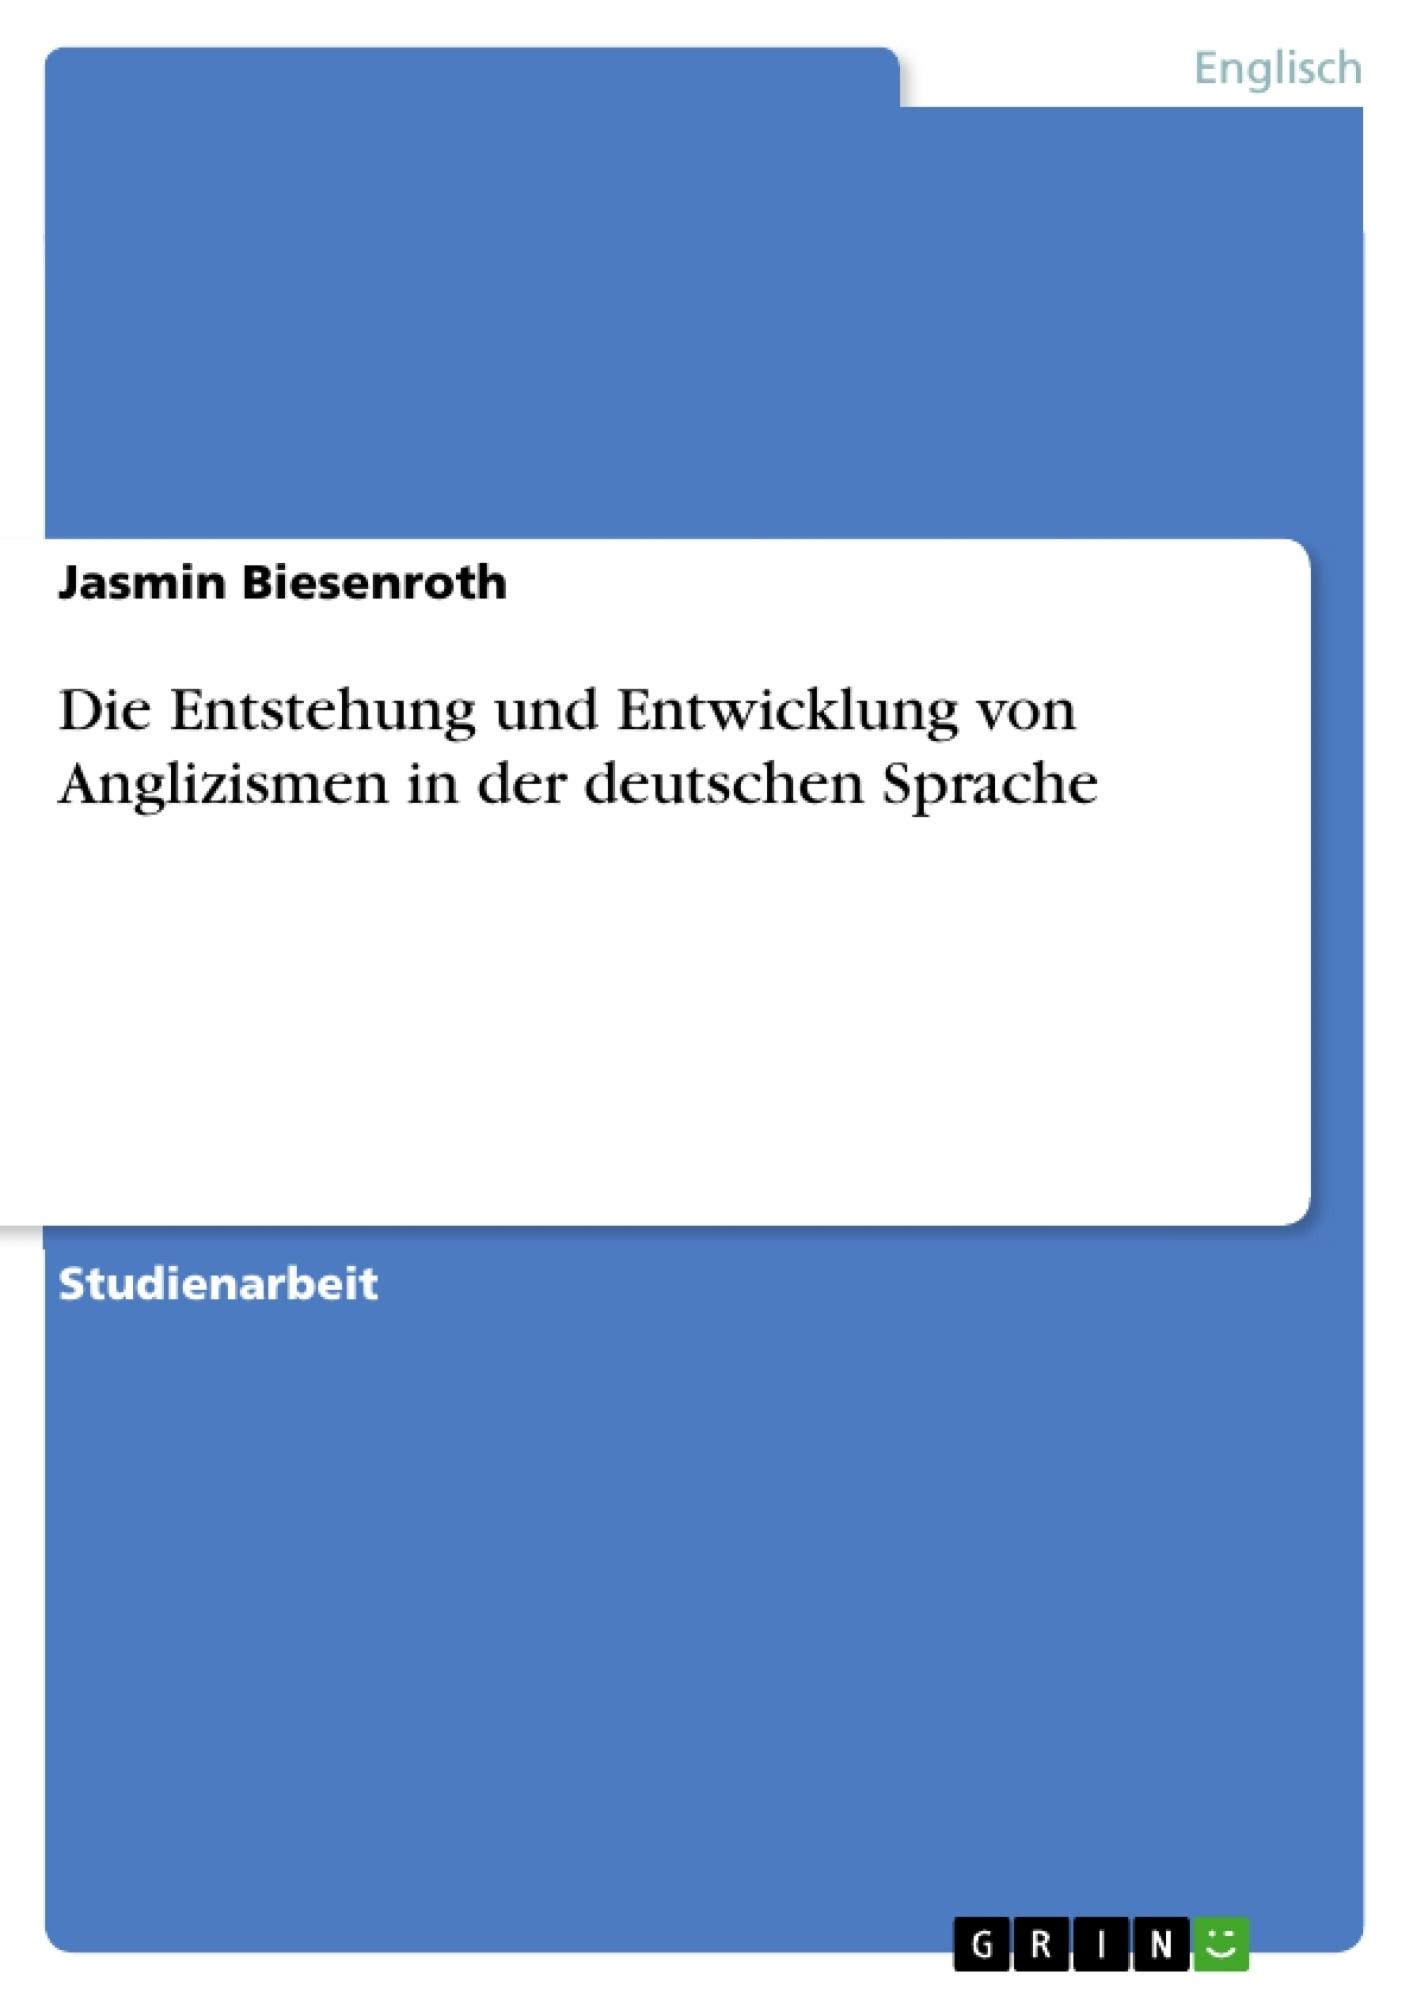 Titel: Die Entstehung und Entwicklung von Anglizismen in der deutschen Sprache